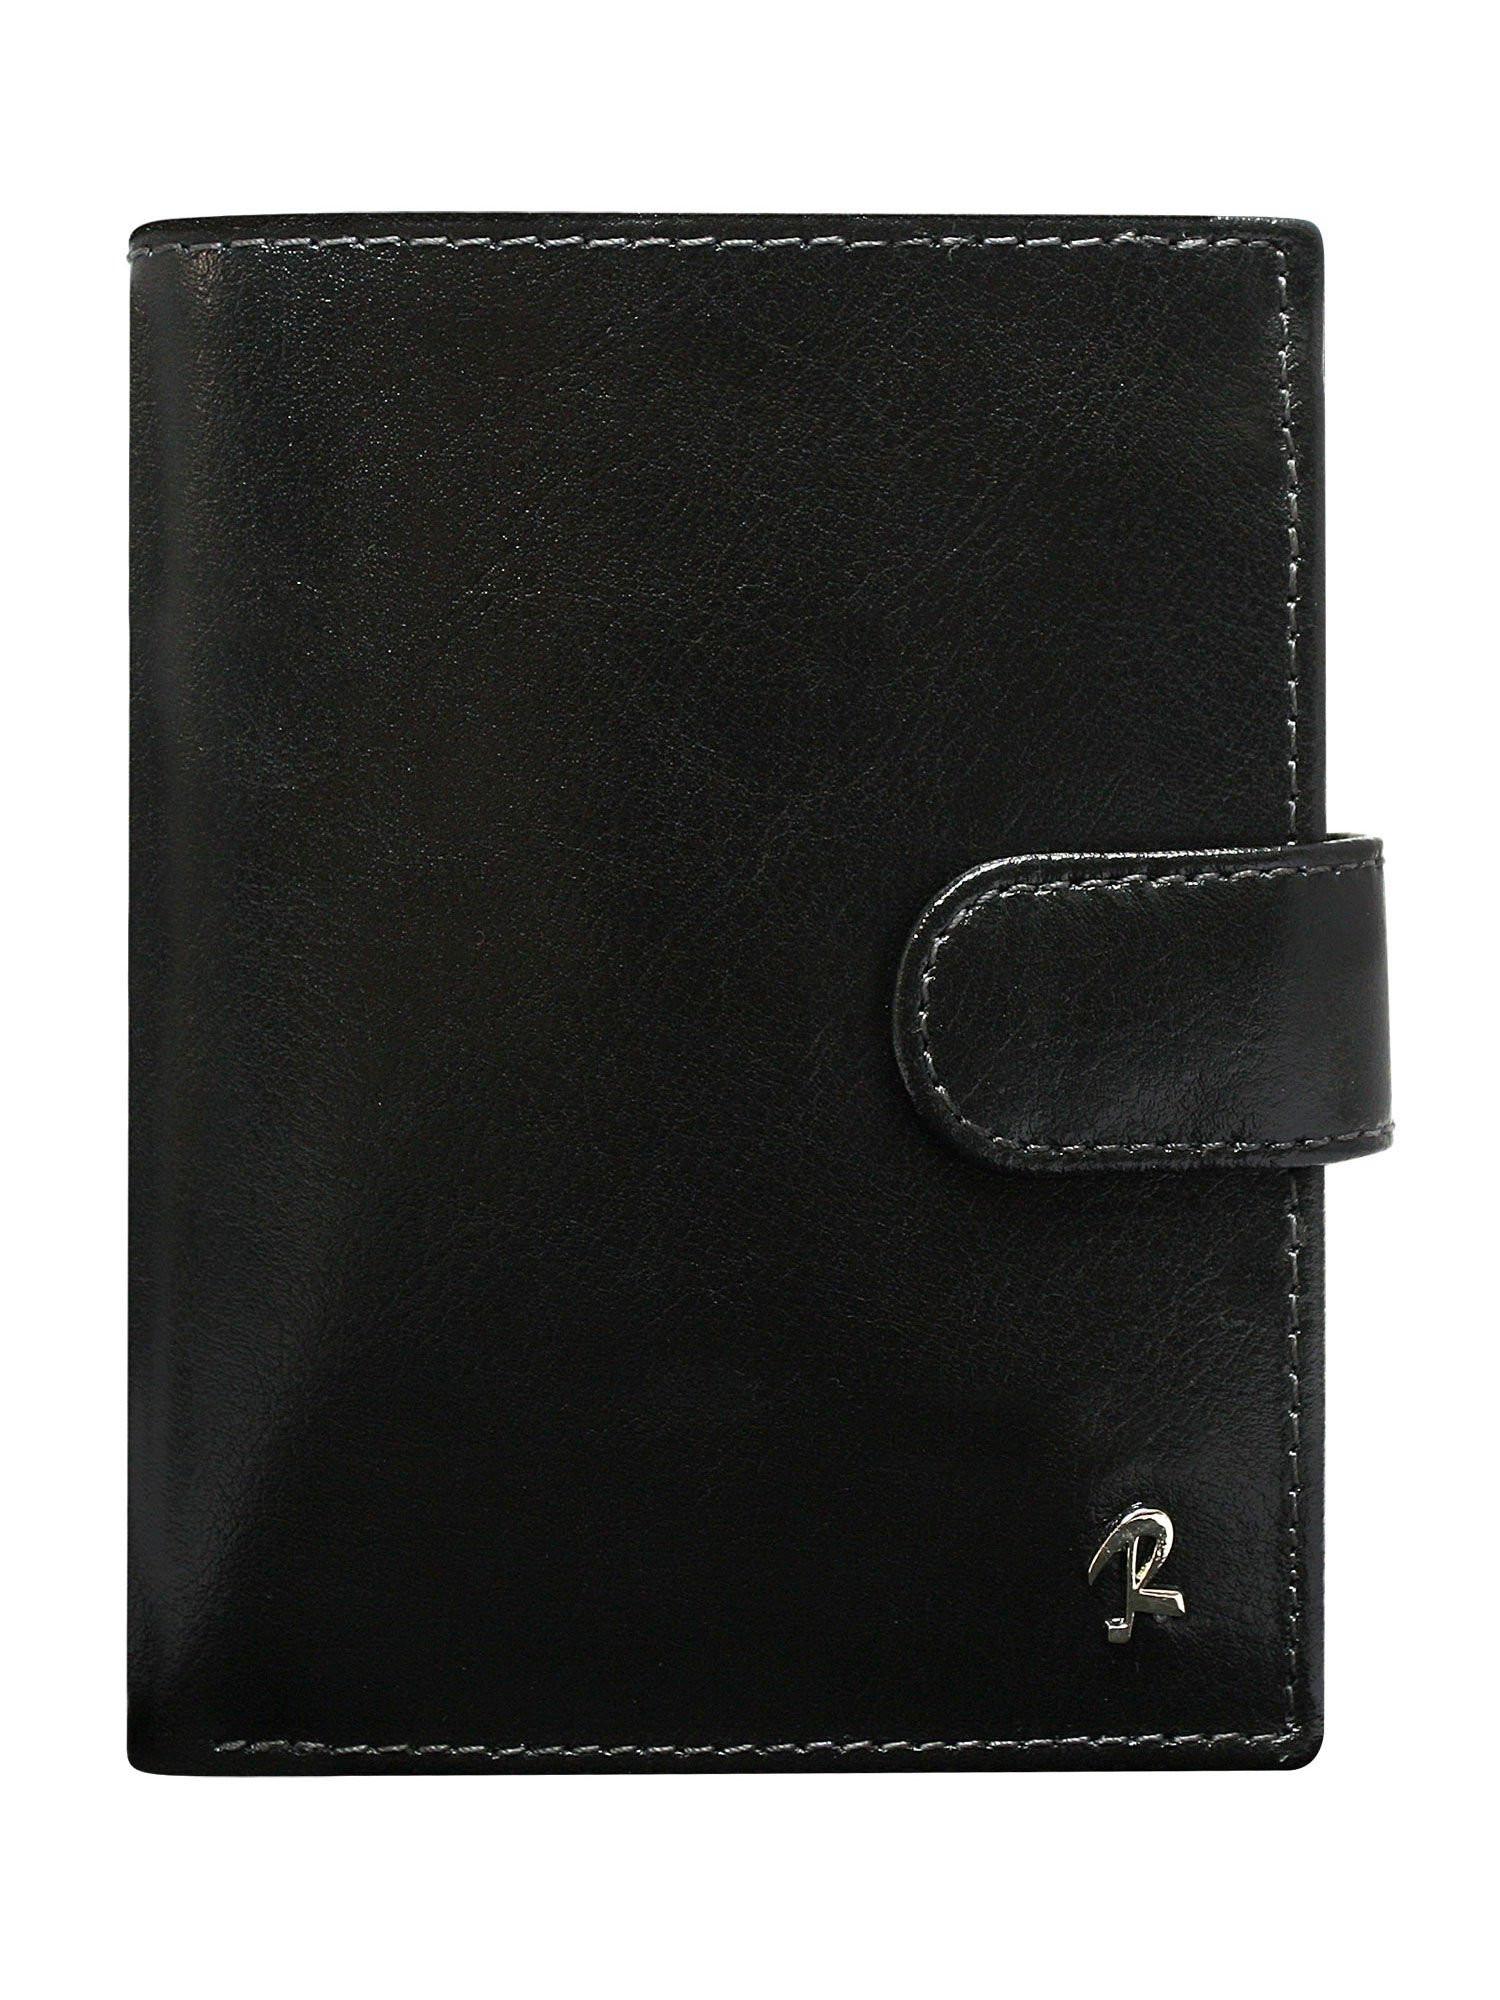 Pánska čierna peňaženka so zapínaním na patent jedna velikost